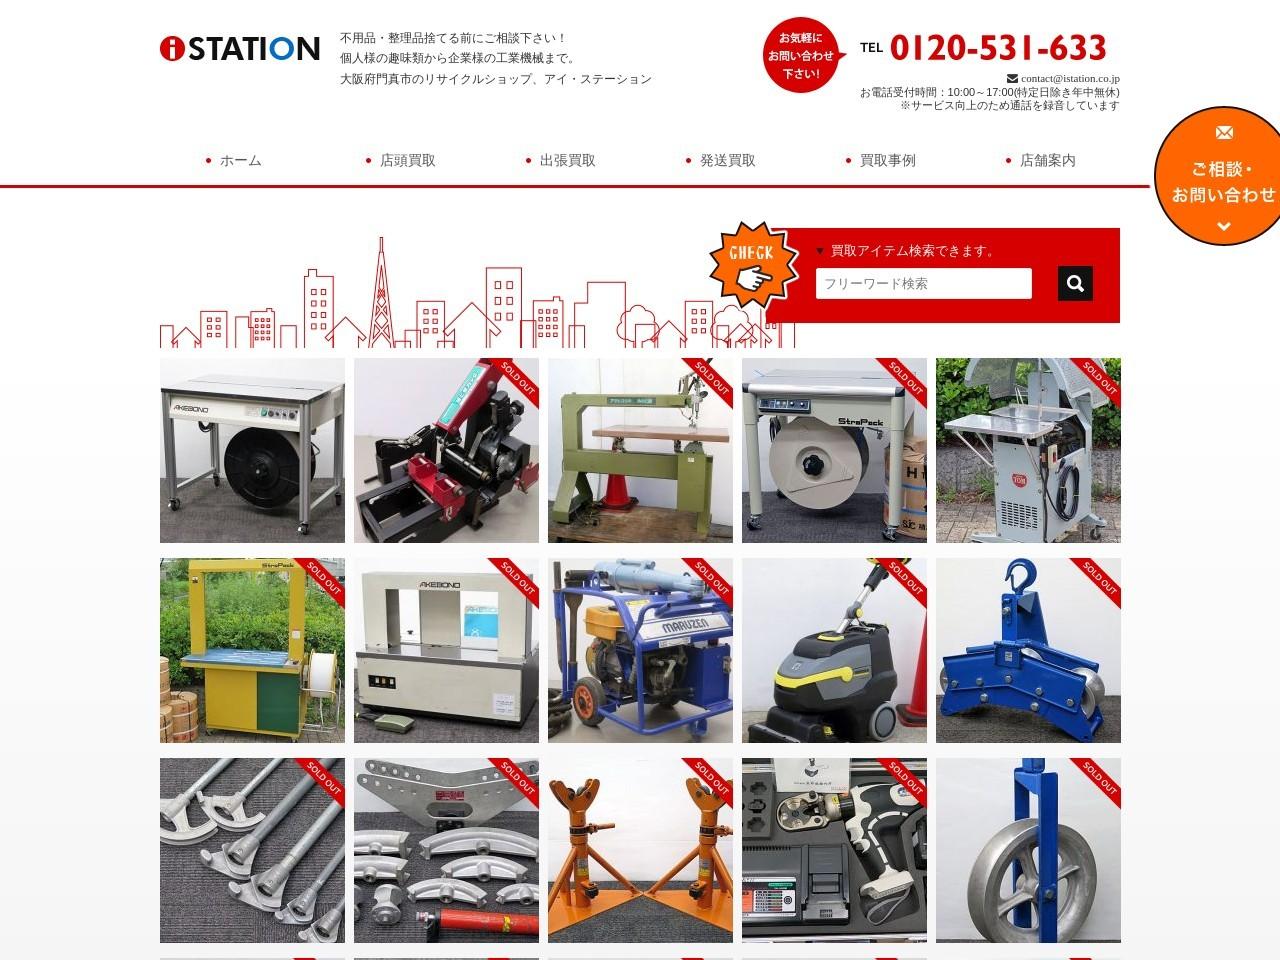 中古品・不用品の高価買取り、リサイクルは大阪・門真のアイステーション - 倉庫整理、遺品整理、倒産・工場閉鎖に伴う整理まで丸ごと無料で出張見積もり